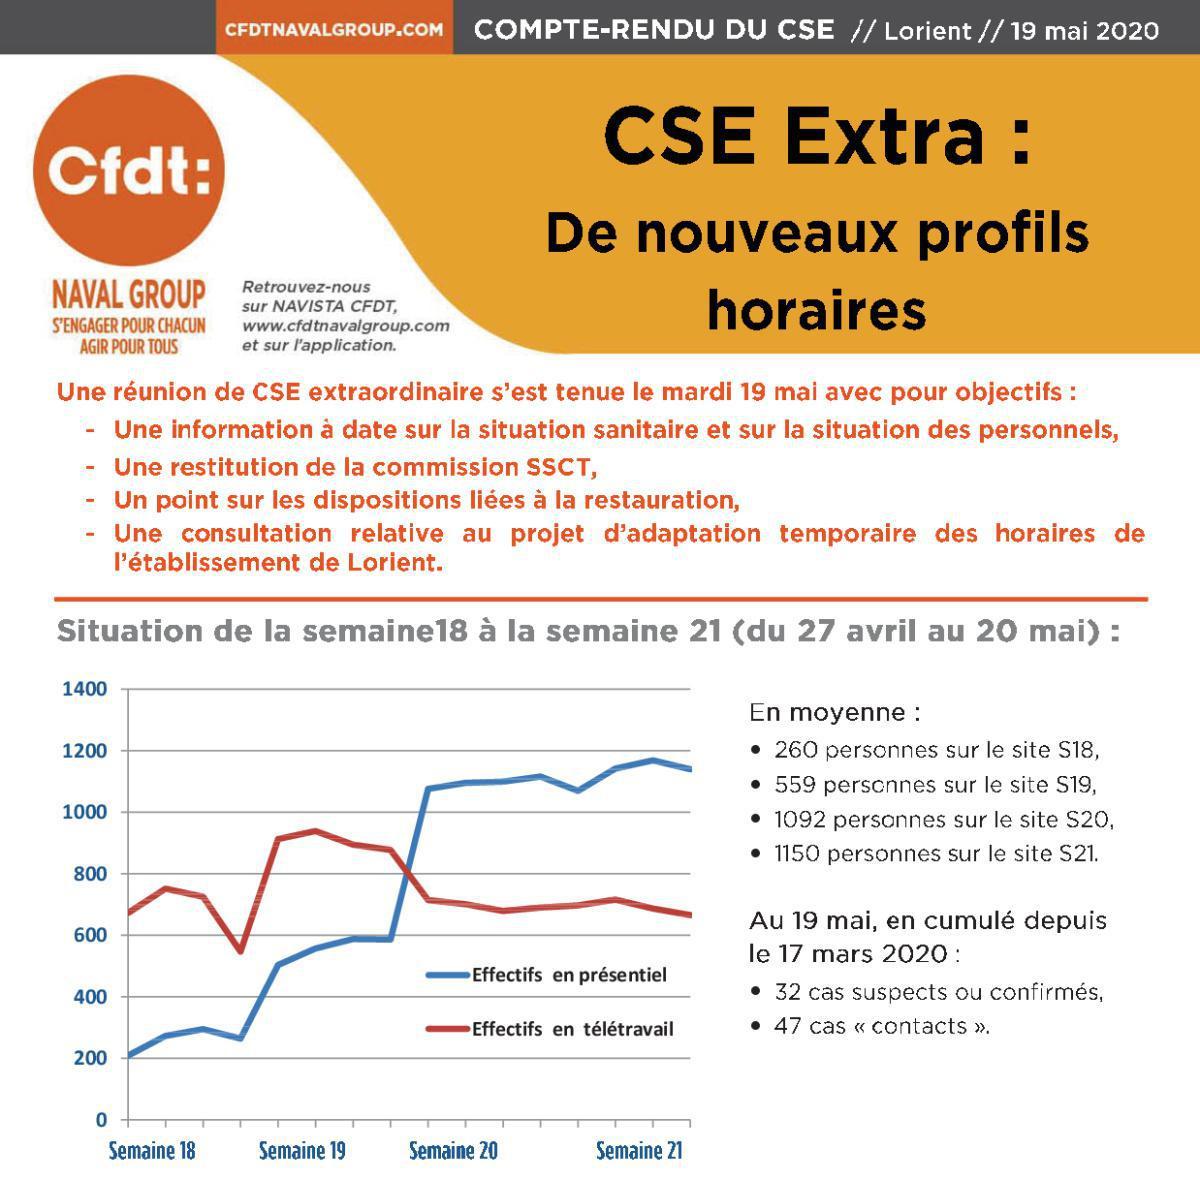 CR CSE Extra du 19 mai